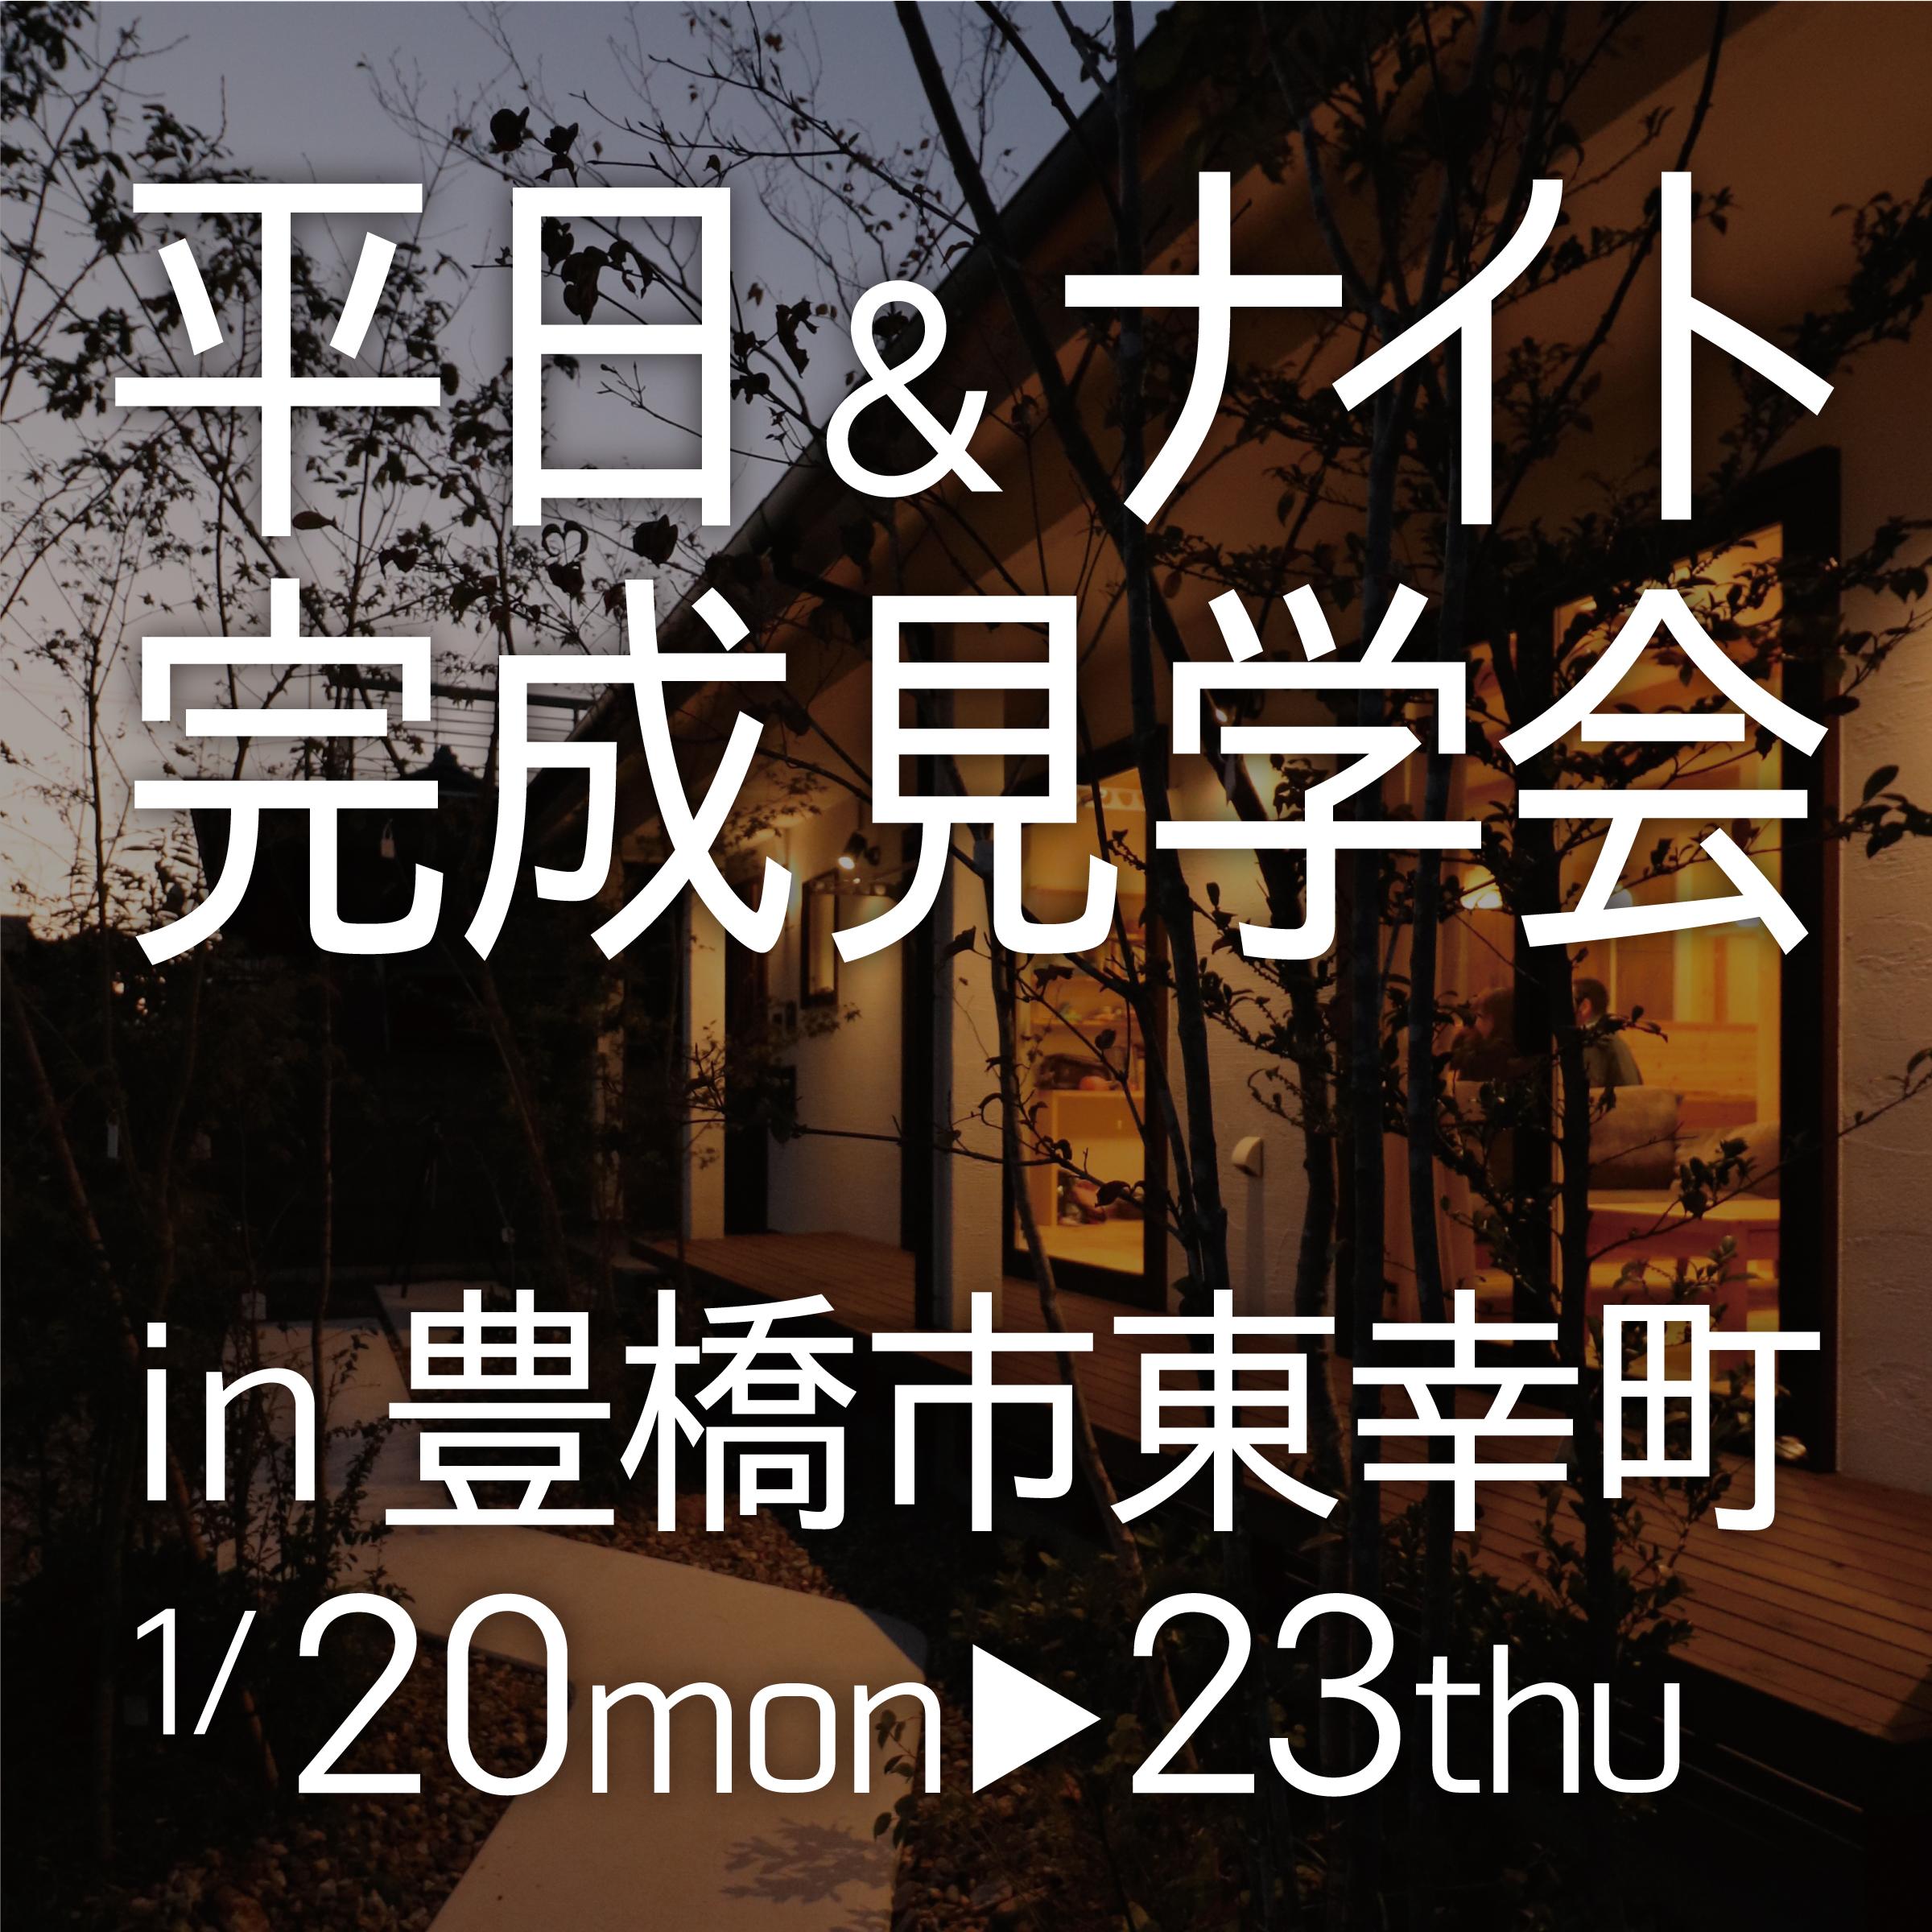 \お仕事帰りに!/平日&ナイト完成見学会を開催します!